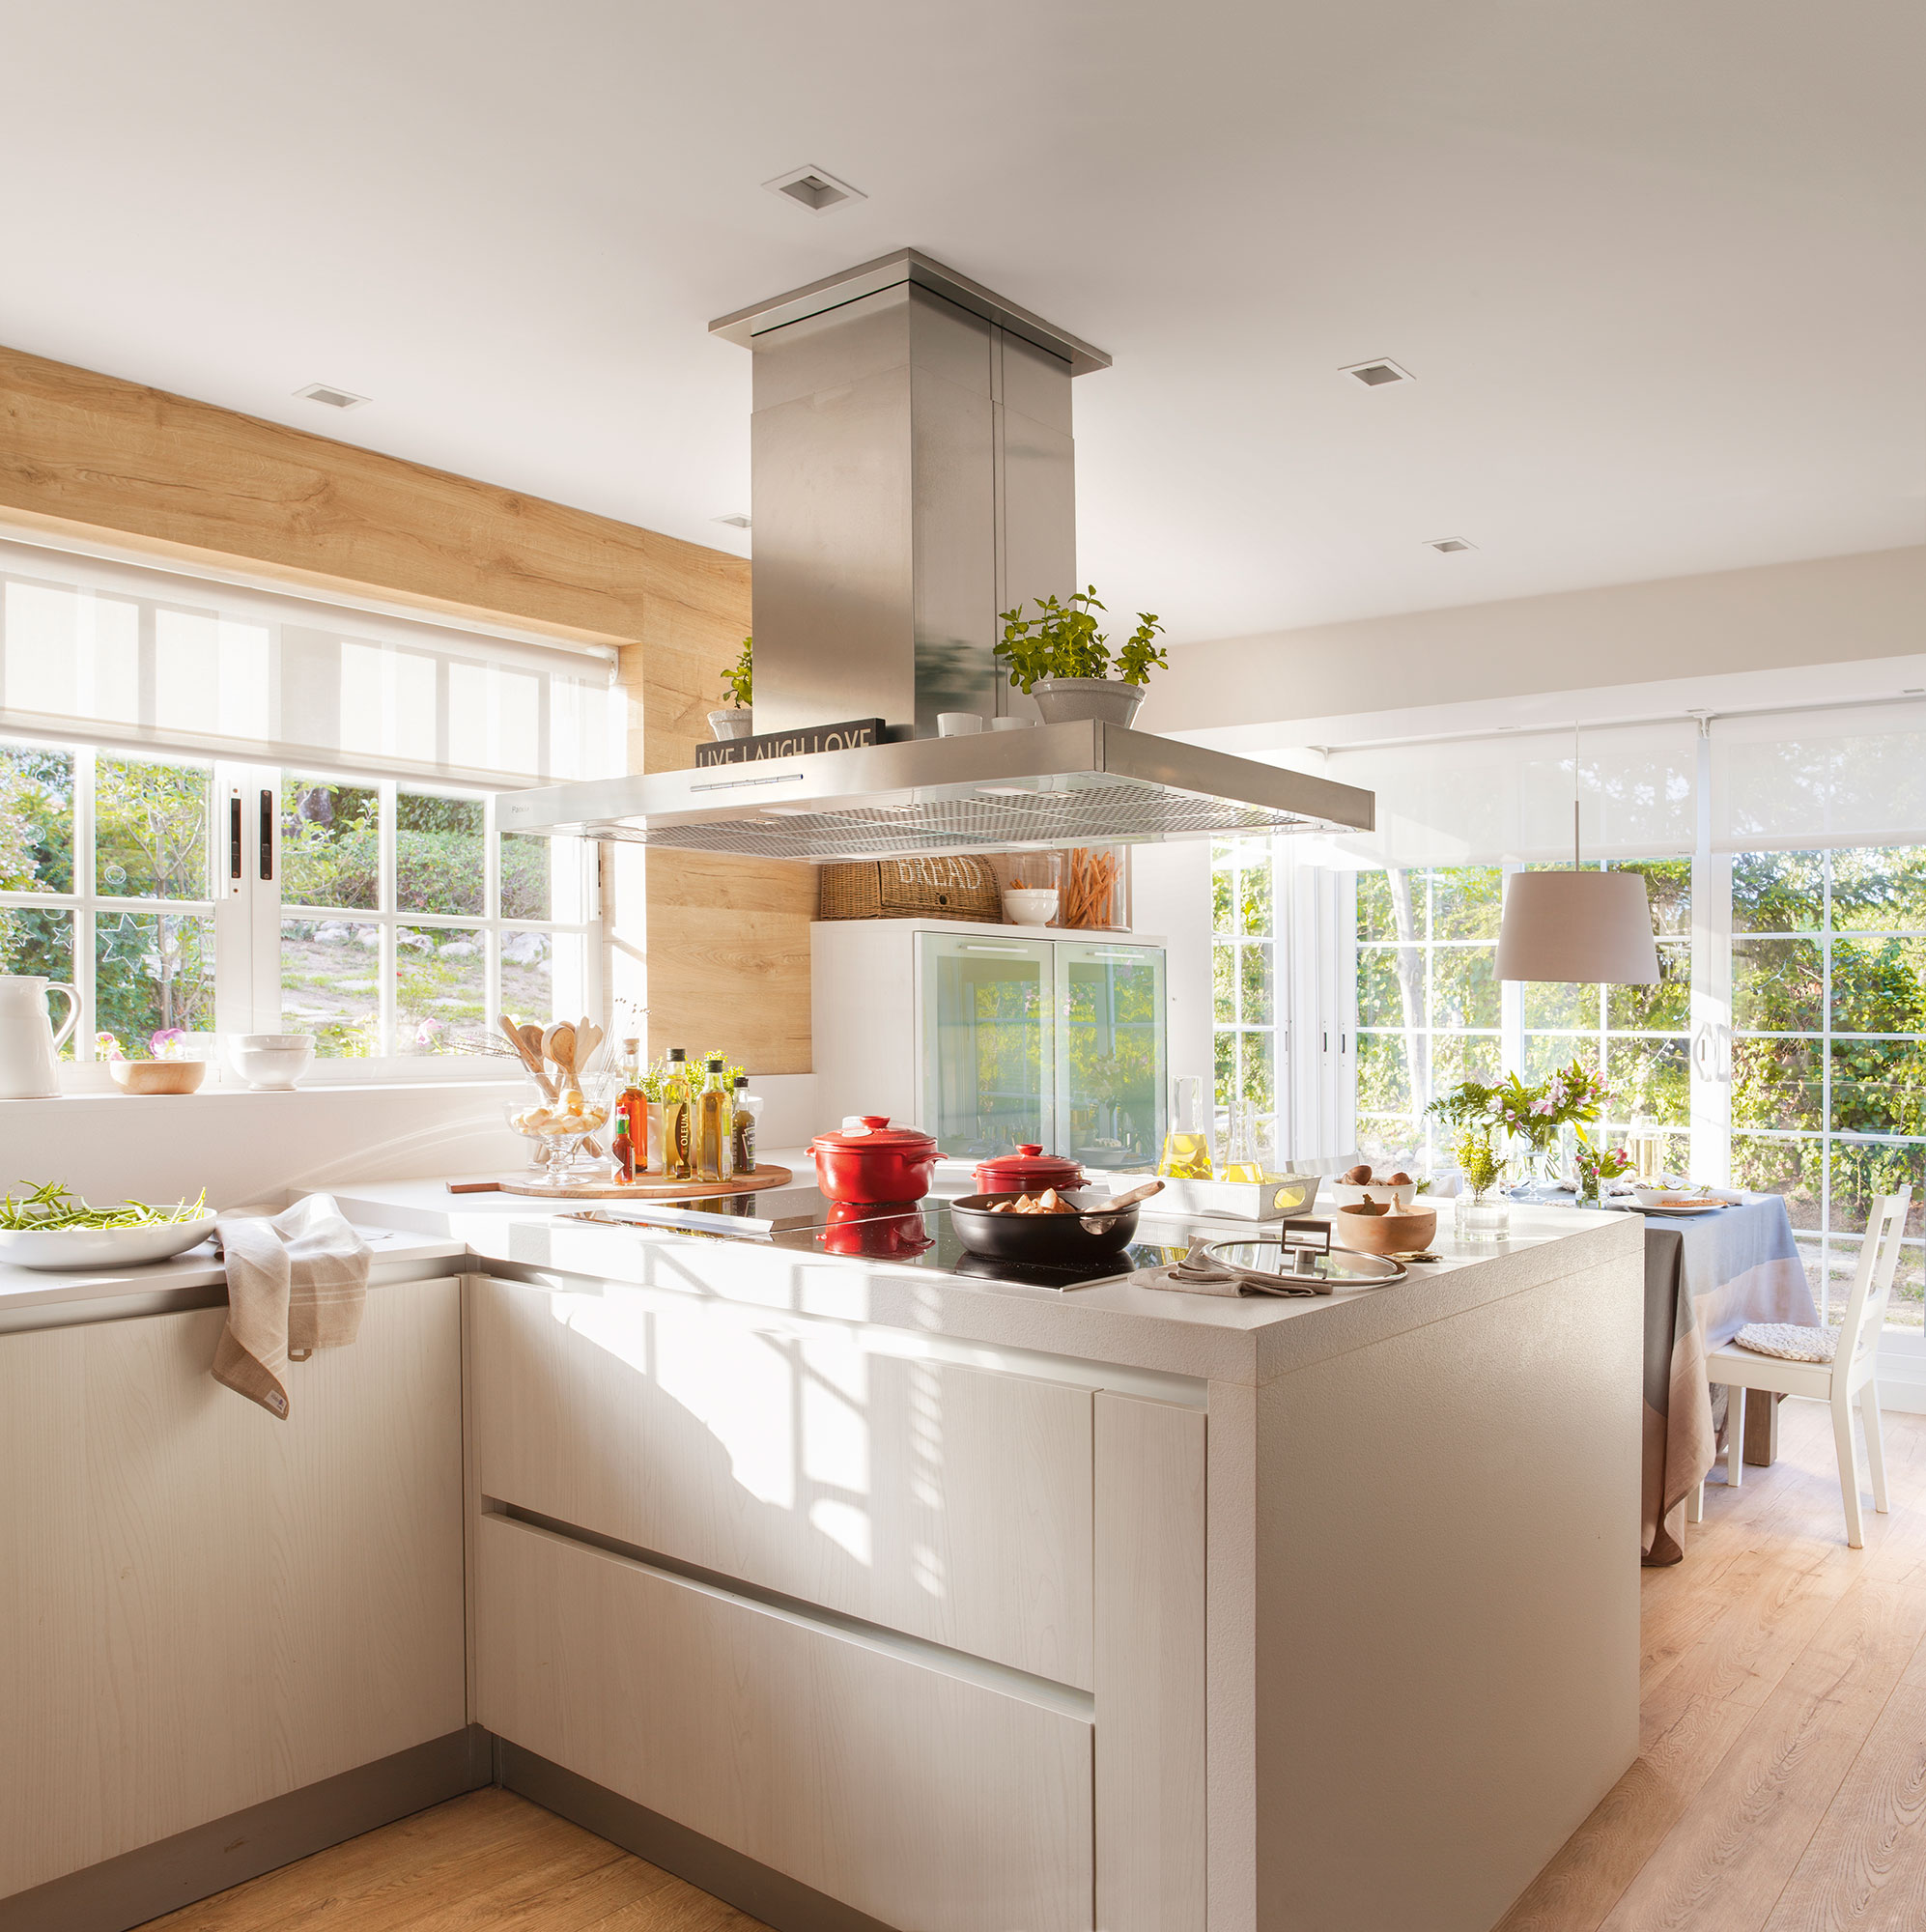 Cocina con muebles en blanco i península que separa del office. Para  grandes anfitriones c9fed553da18